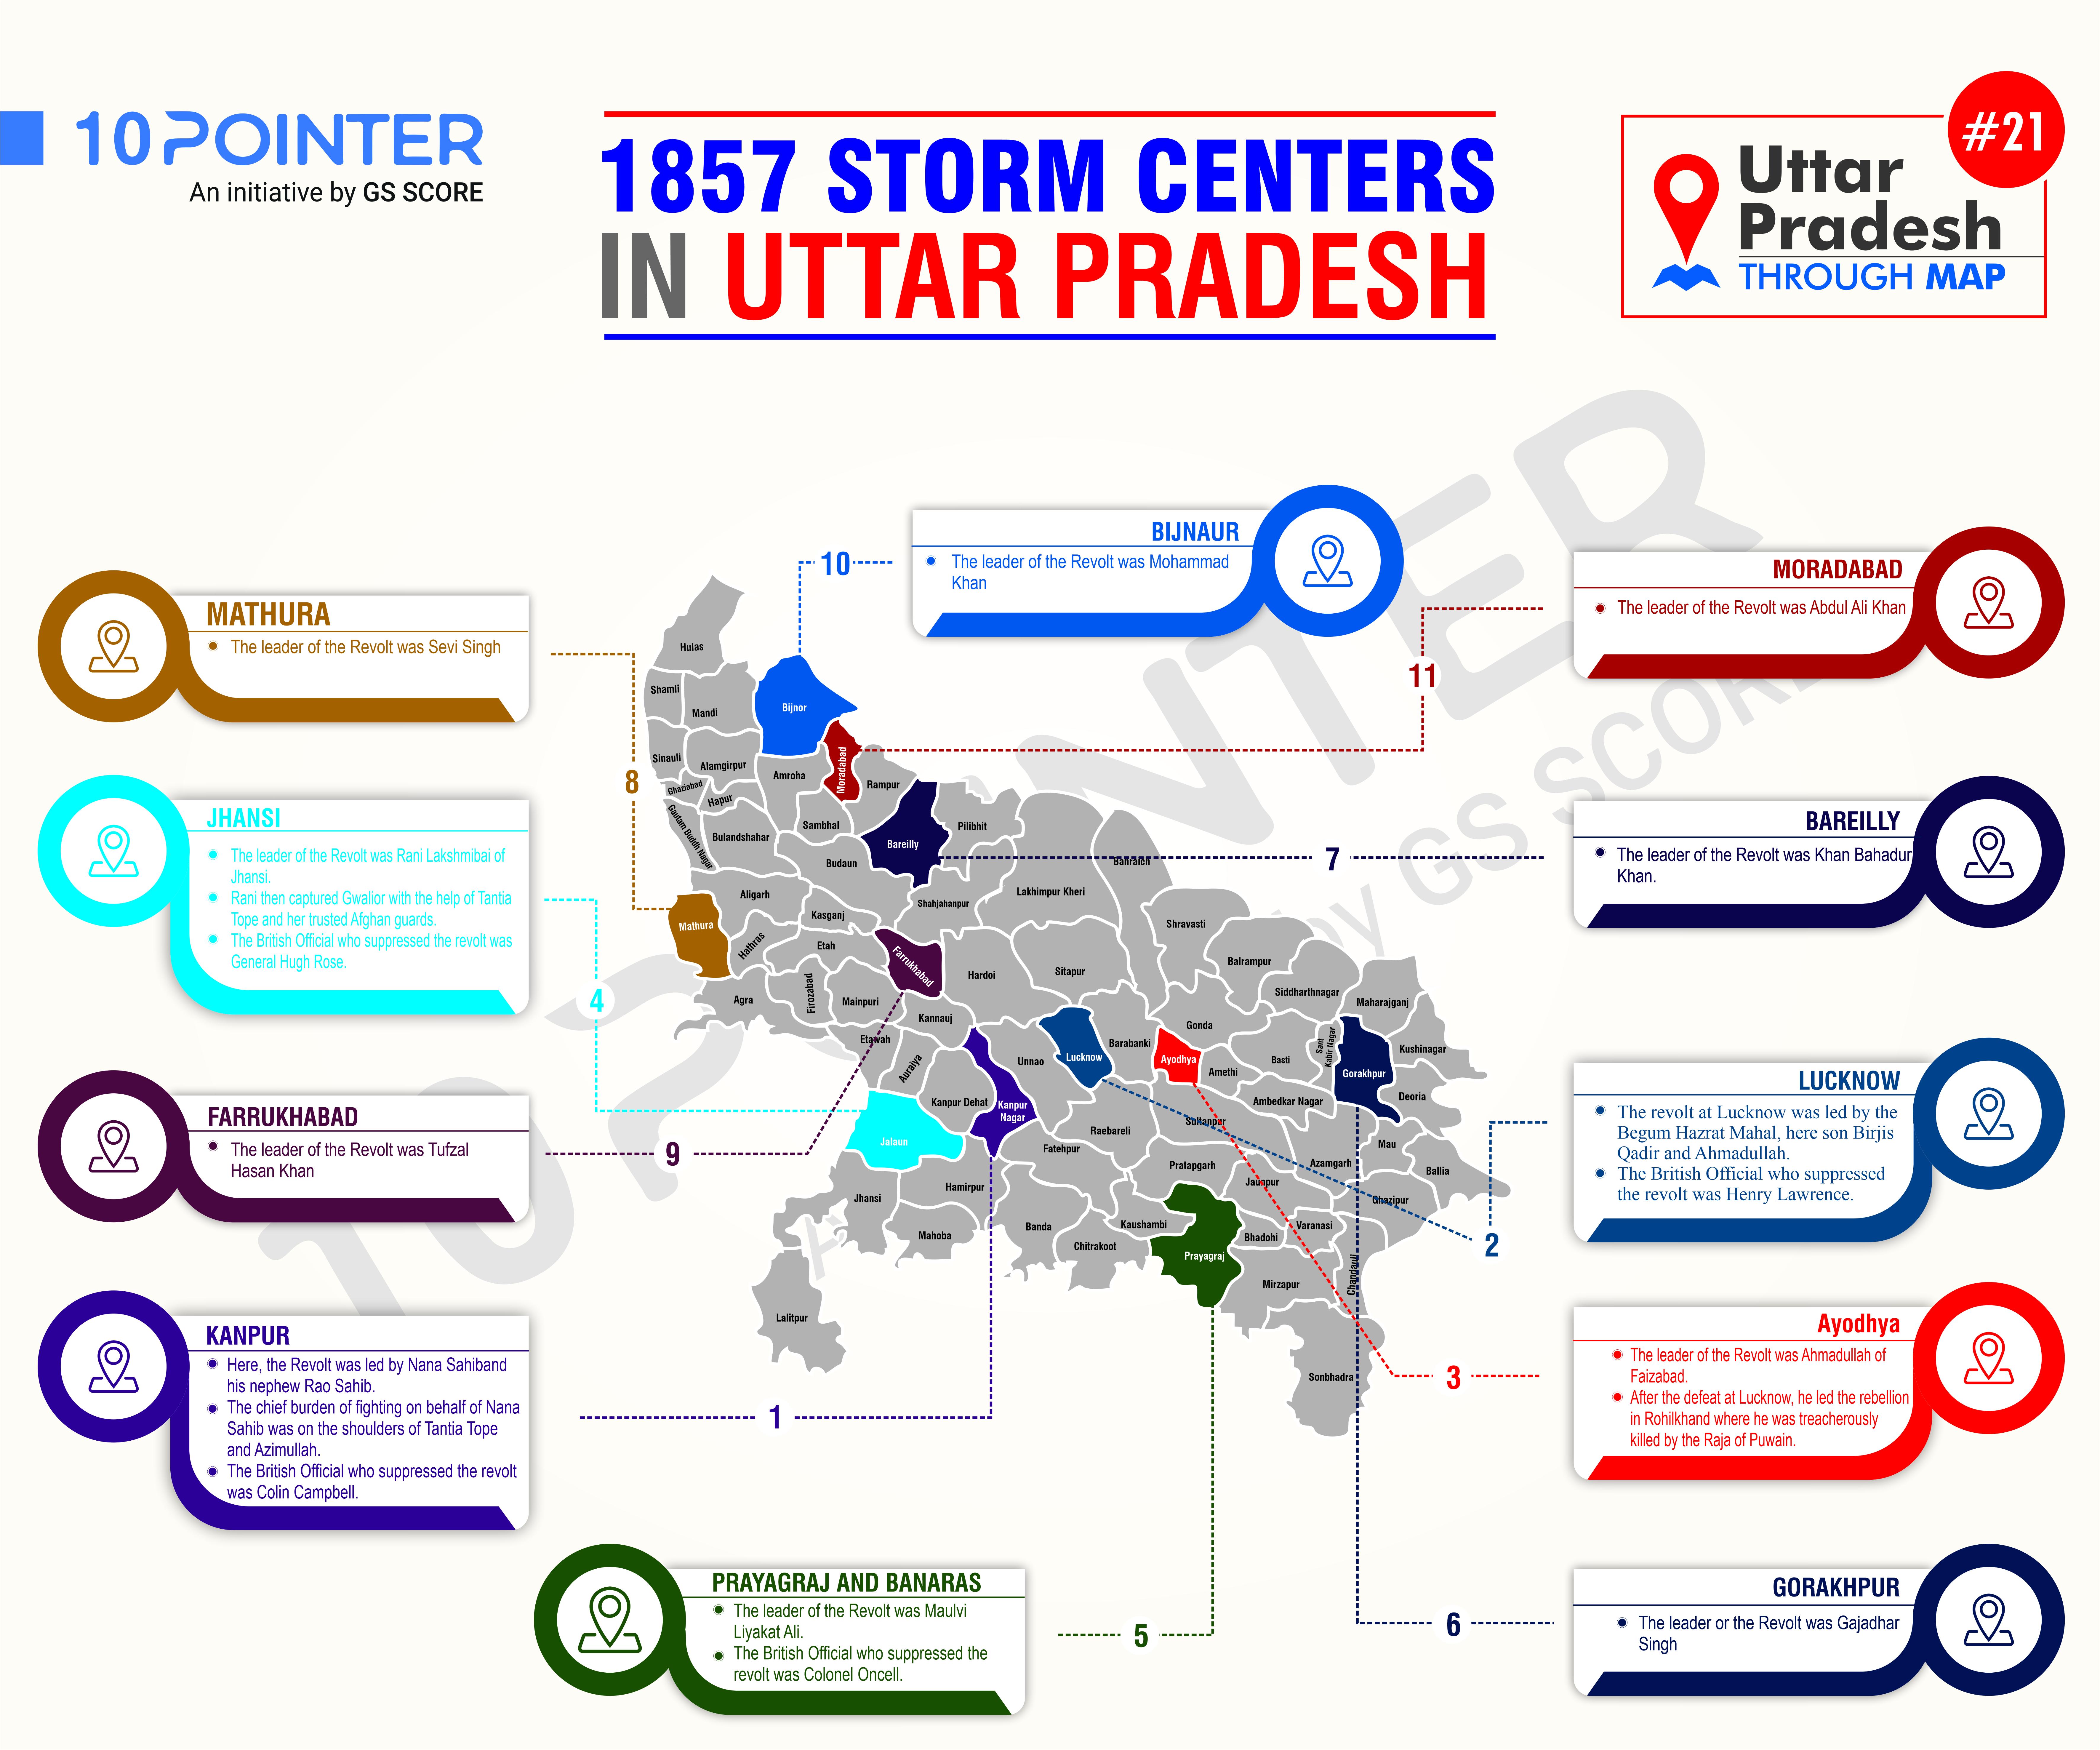 1857 Storm Centers in Utter Pradesh